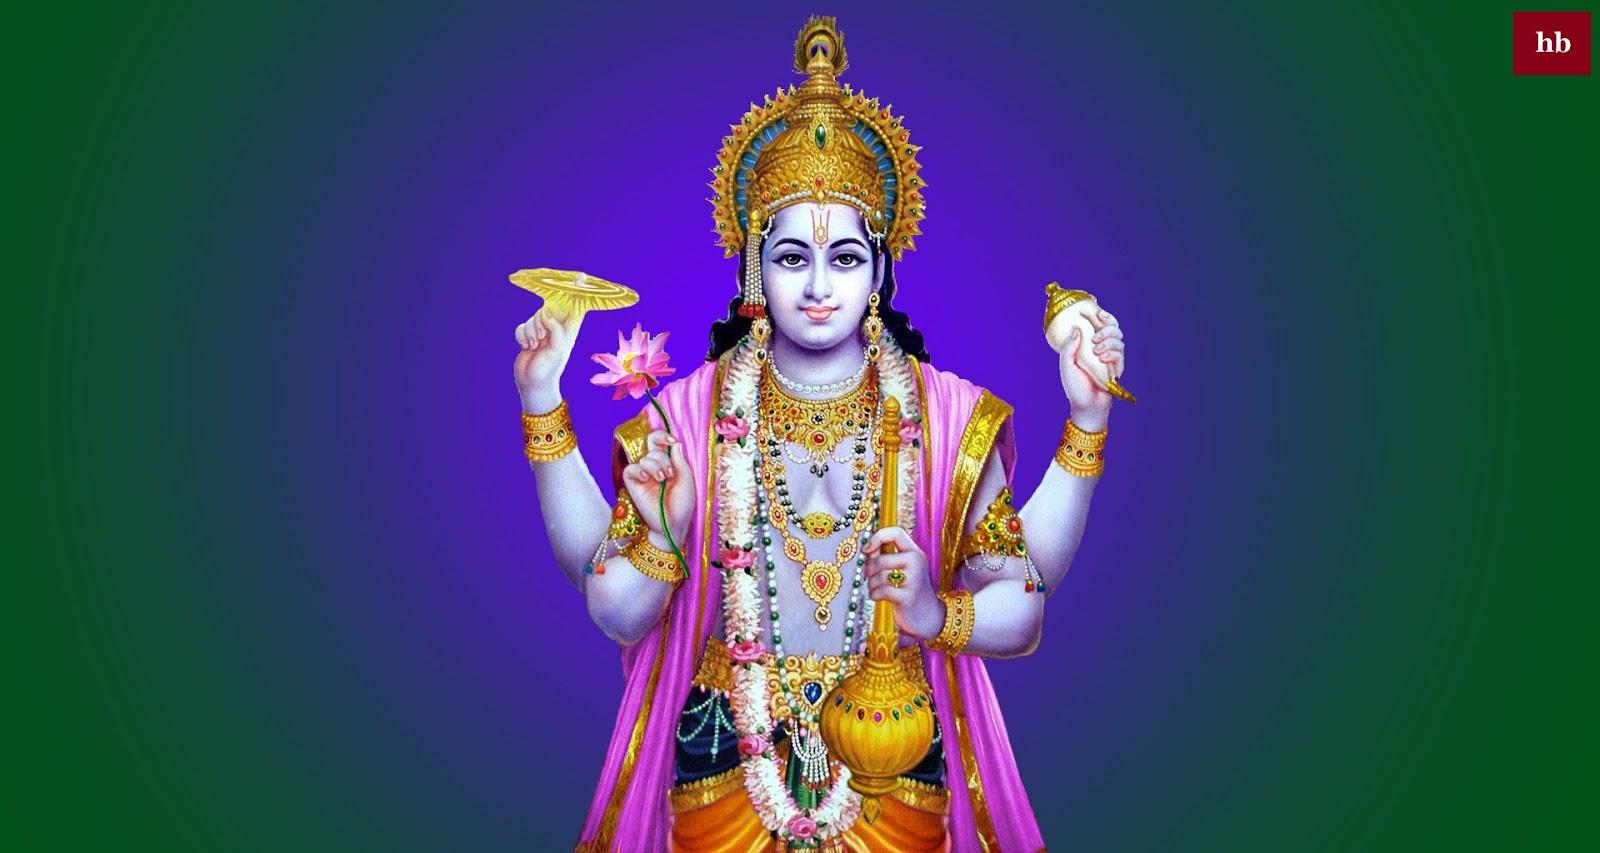 lord_Vishnu_image